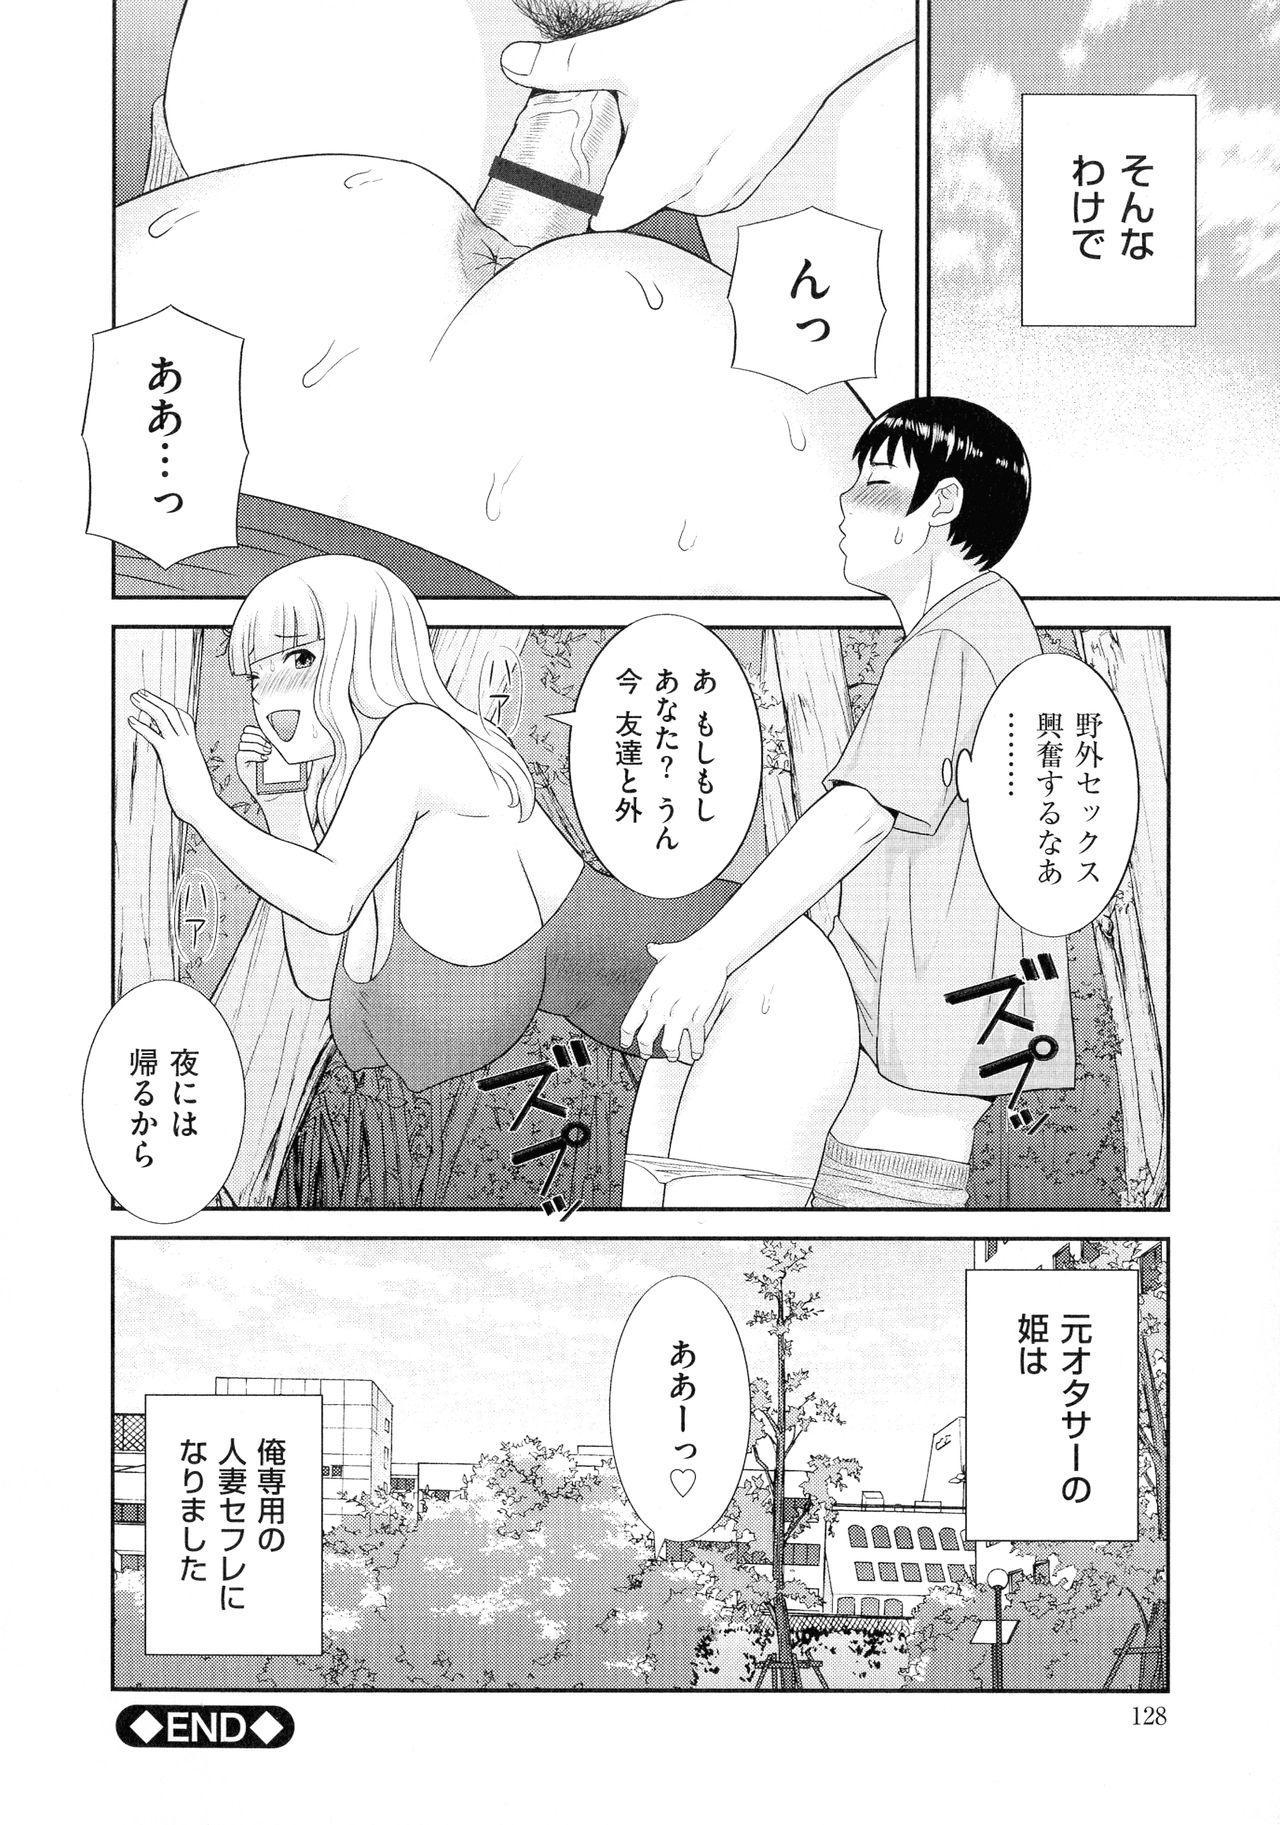 Tennen Torokeru Hatsujozuma 130